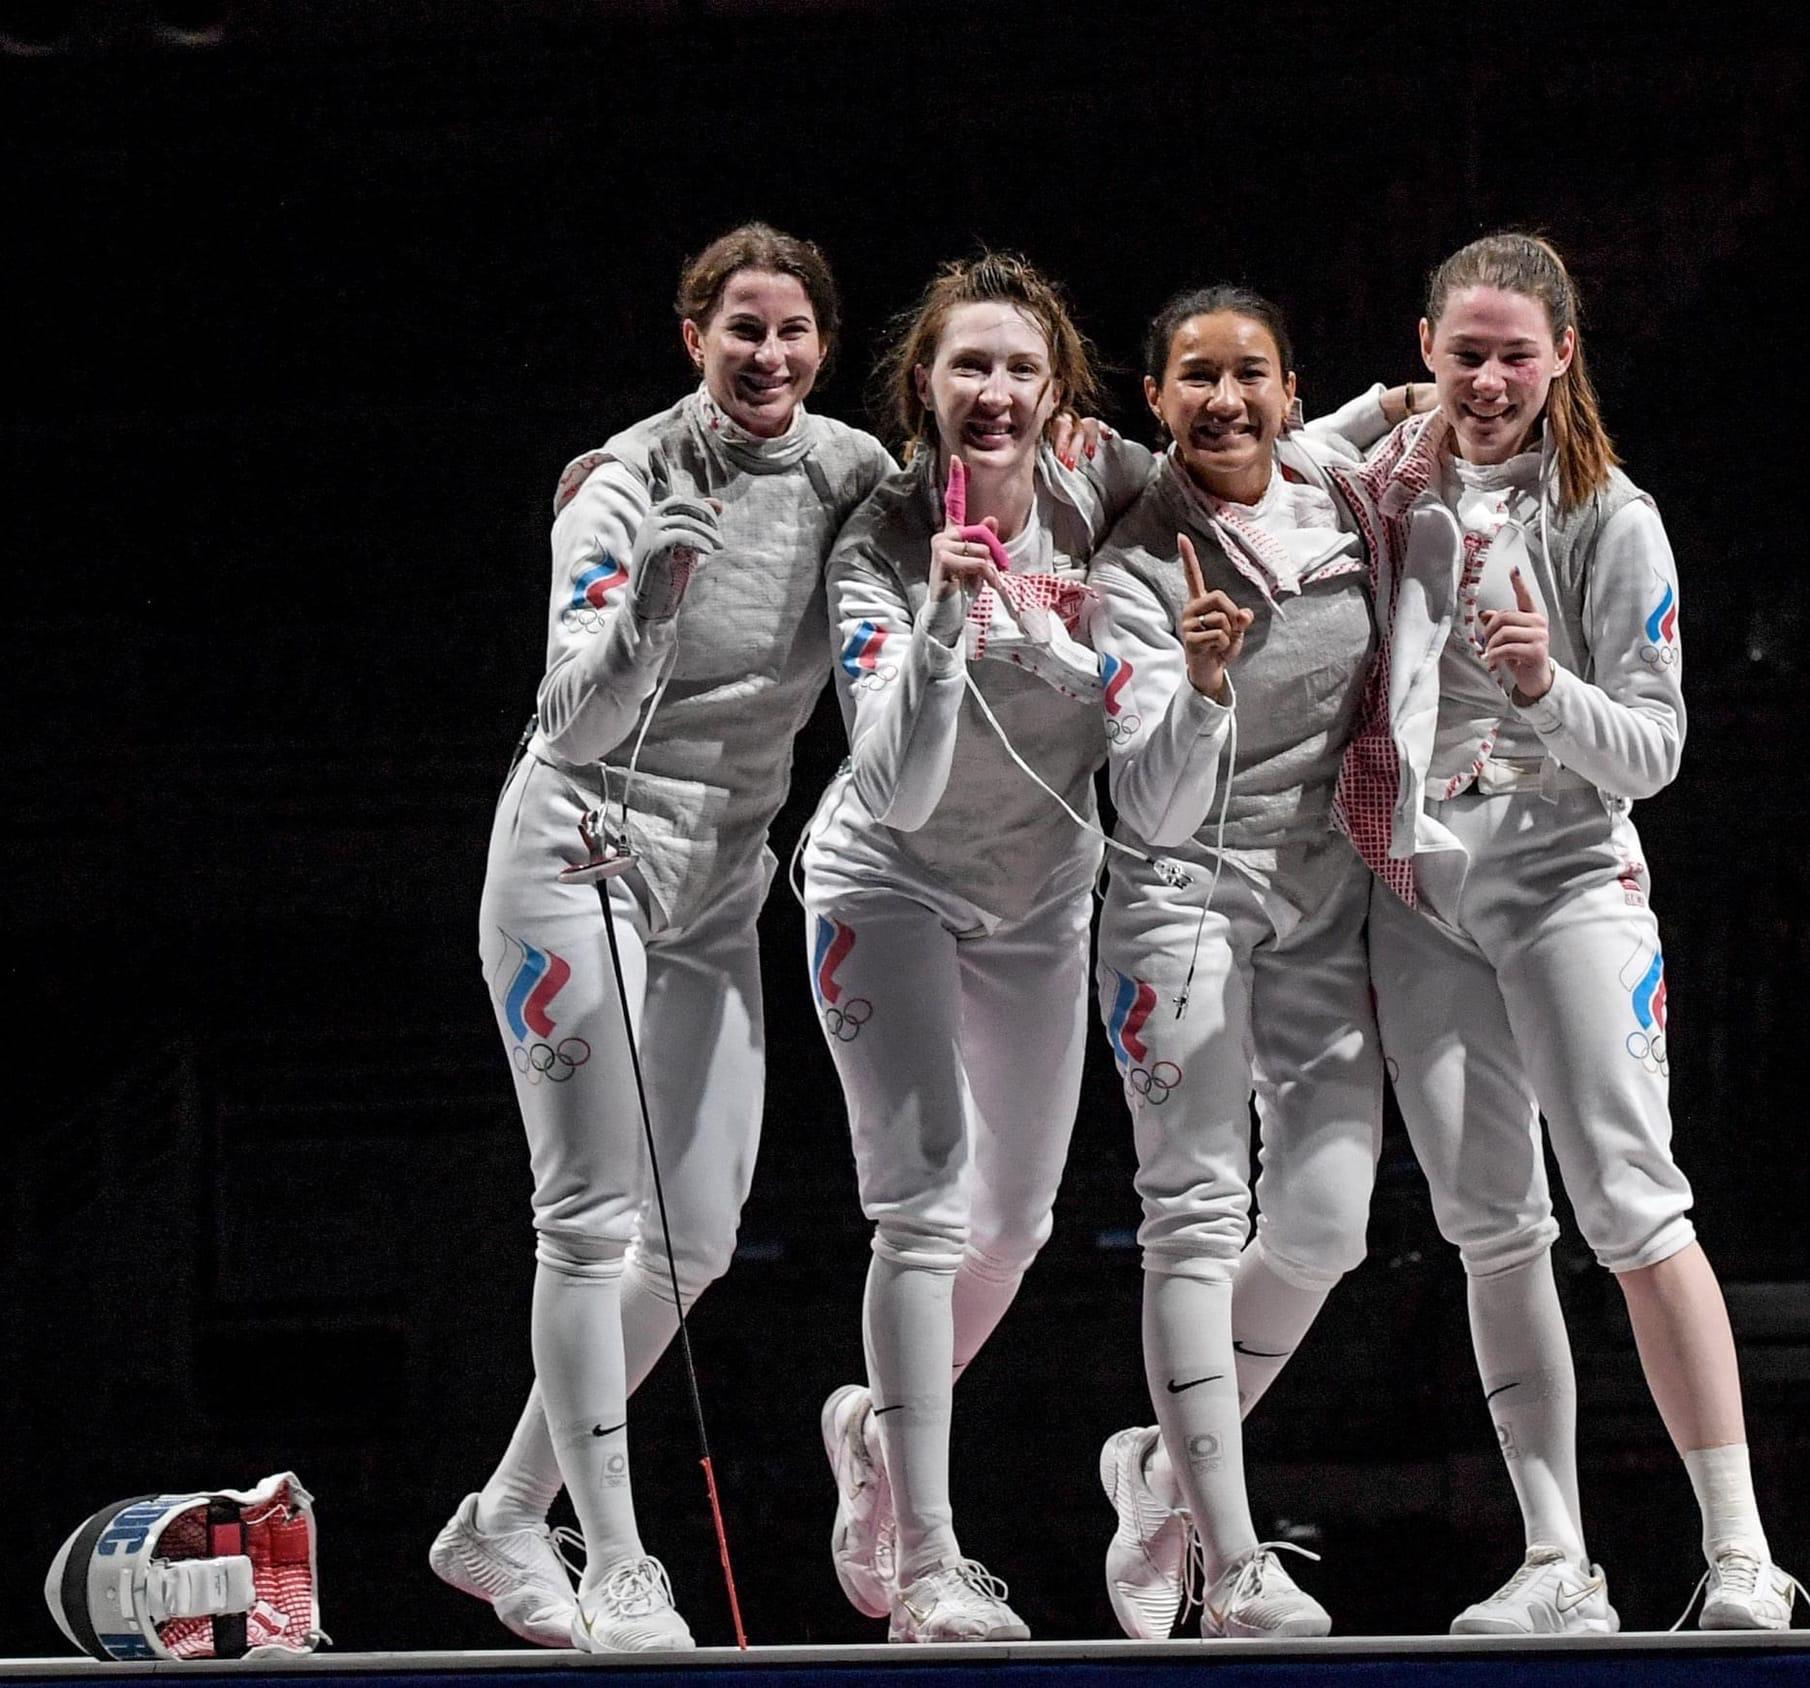 А в заключительных боях Коробейникова и Дериглазова установили окончательный счет – 45:34 в пользу нашей команды, завоевавшей олимпийское первенство в этой дисциплине в шестой раз.